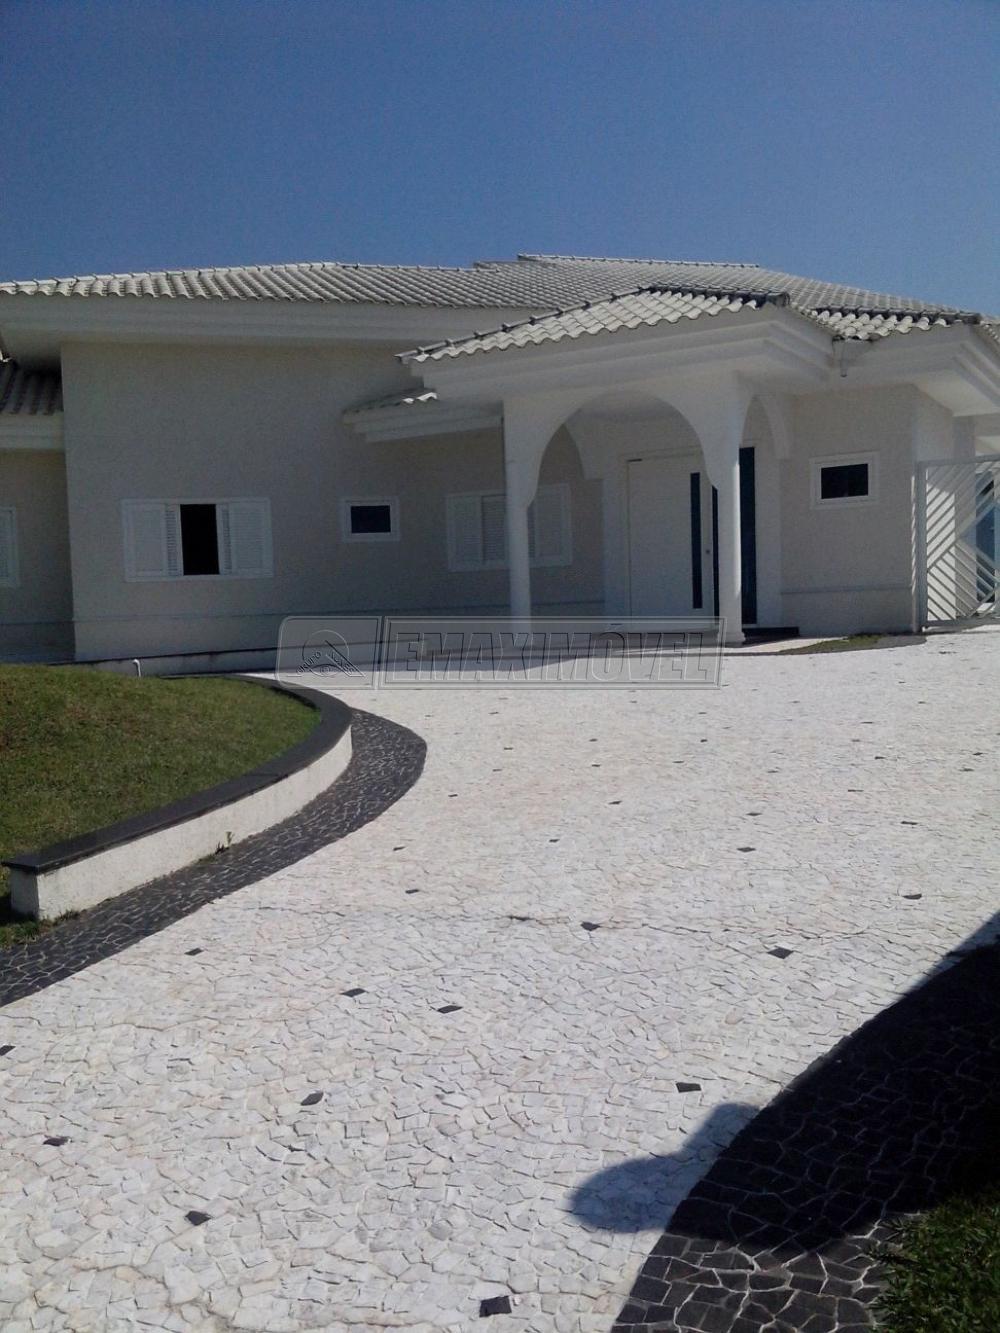 Comprar Casas / em Condomínios em Itu R$ 1.860.000,00 - Foto 1